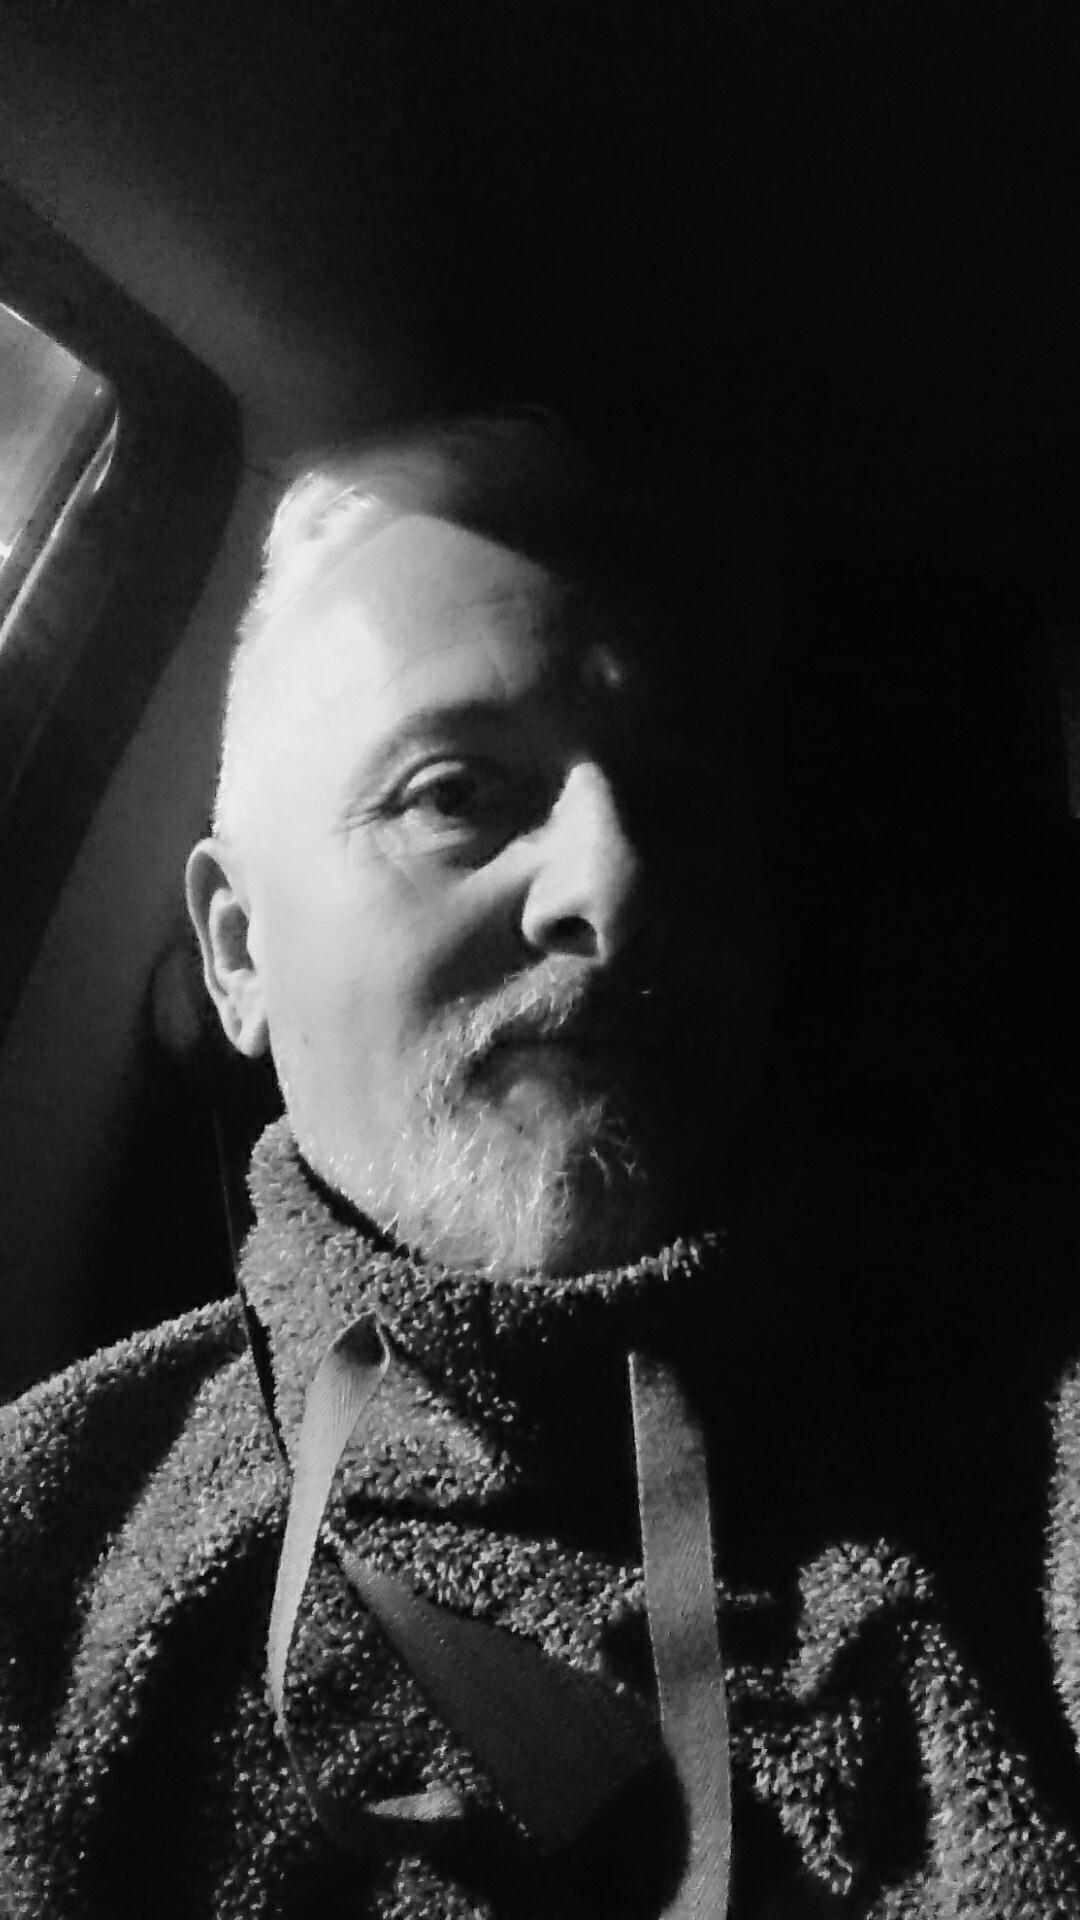 Self portrait  by Jon Brooke-Langham